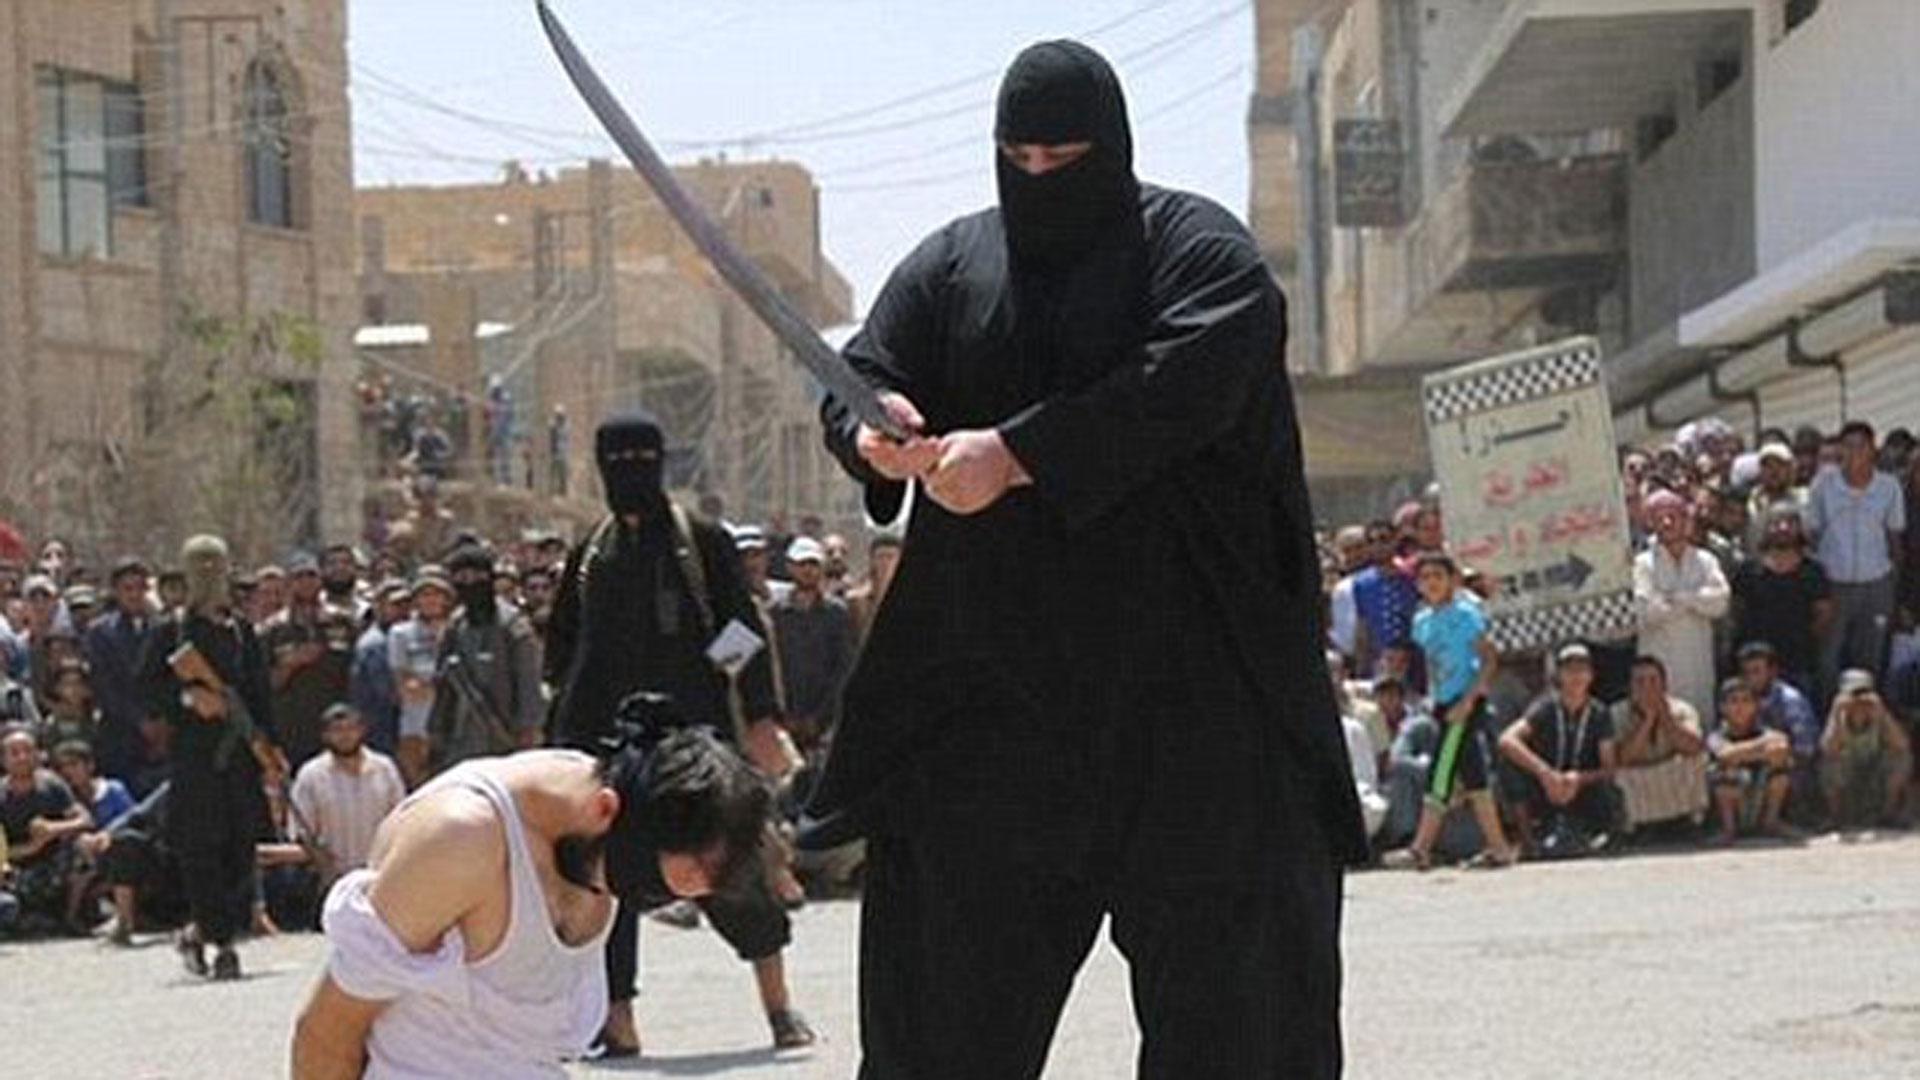 El temible terrorista de ISIS amputaba manos y pies de niños